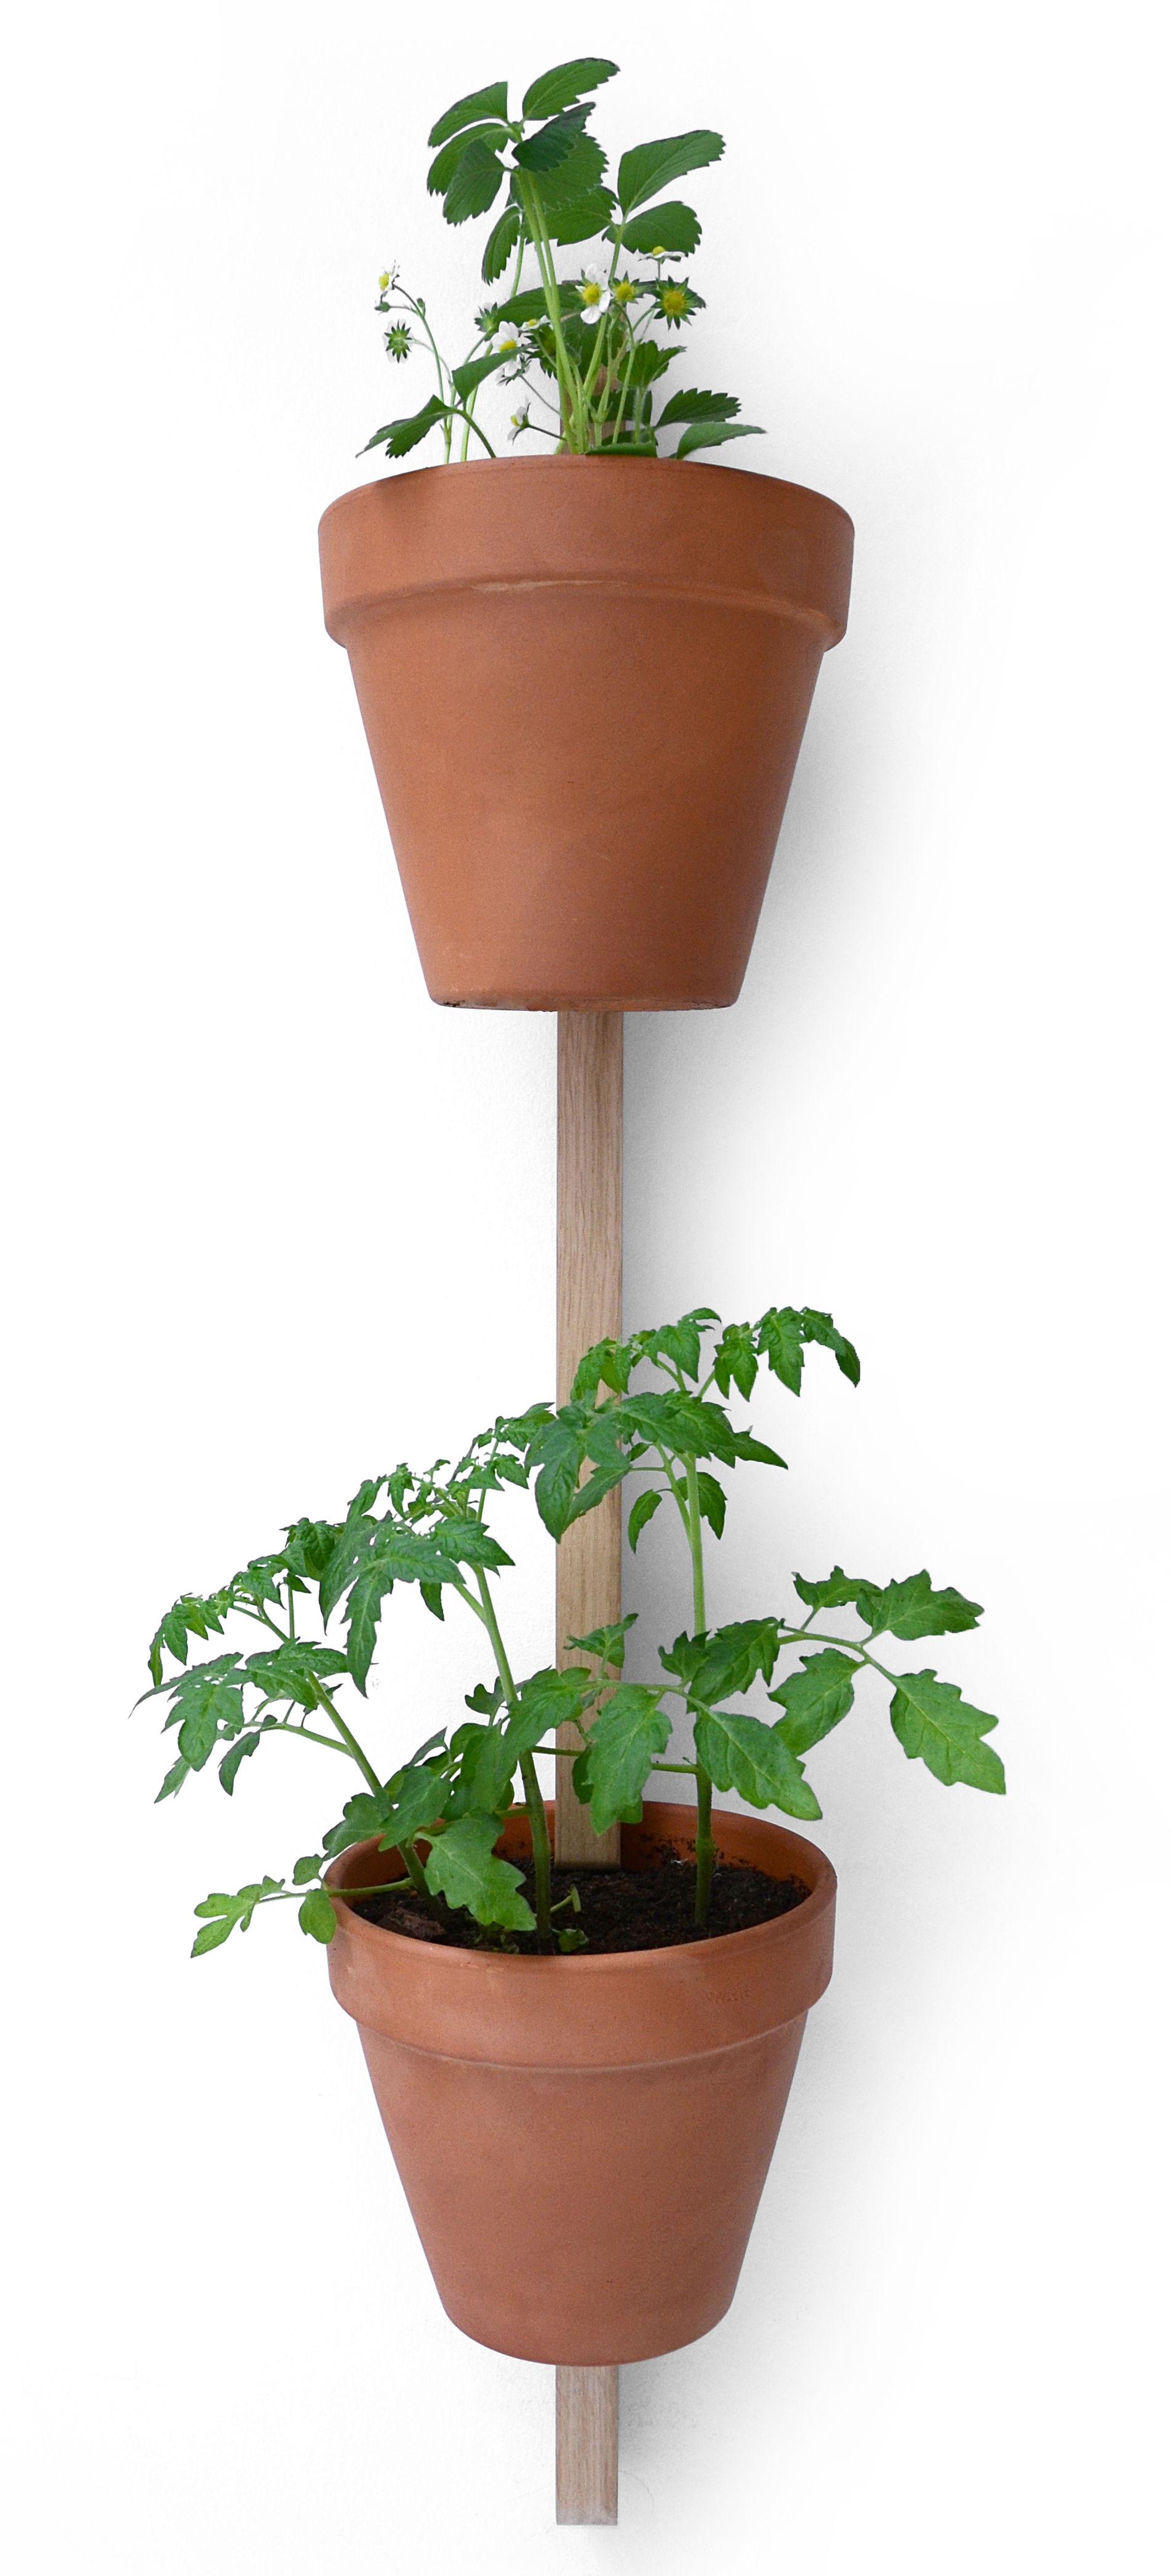 Déco - Pots et plantes - Support mural XPOT / Pour 2 pots de fleurs ou étagères - H 100 cm - Compagnie - Chêne naturel - Chêne massif